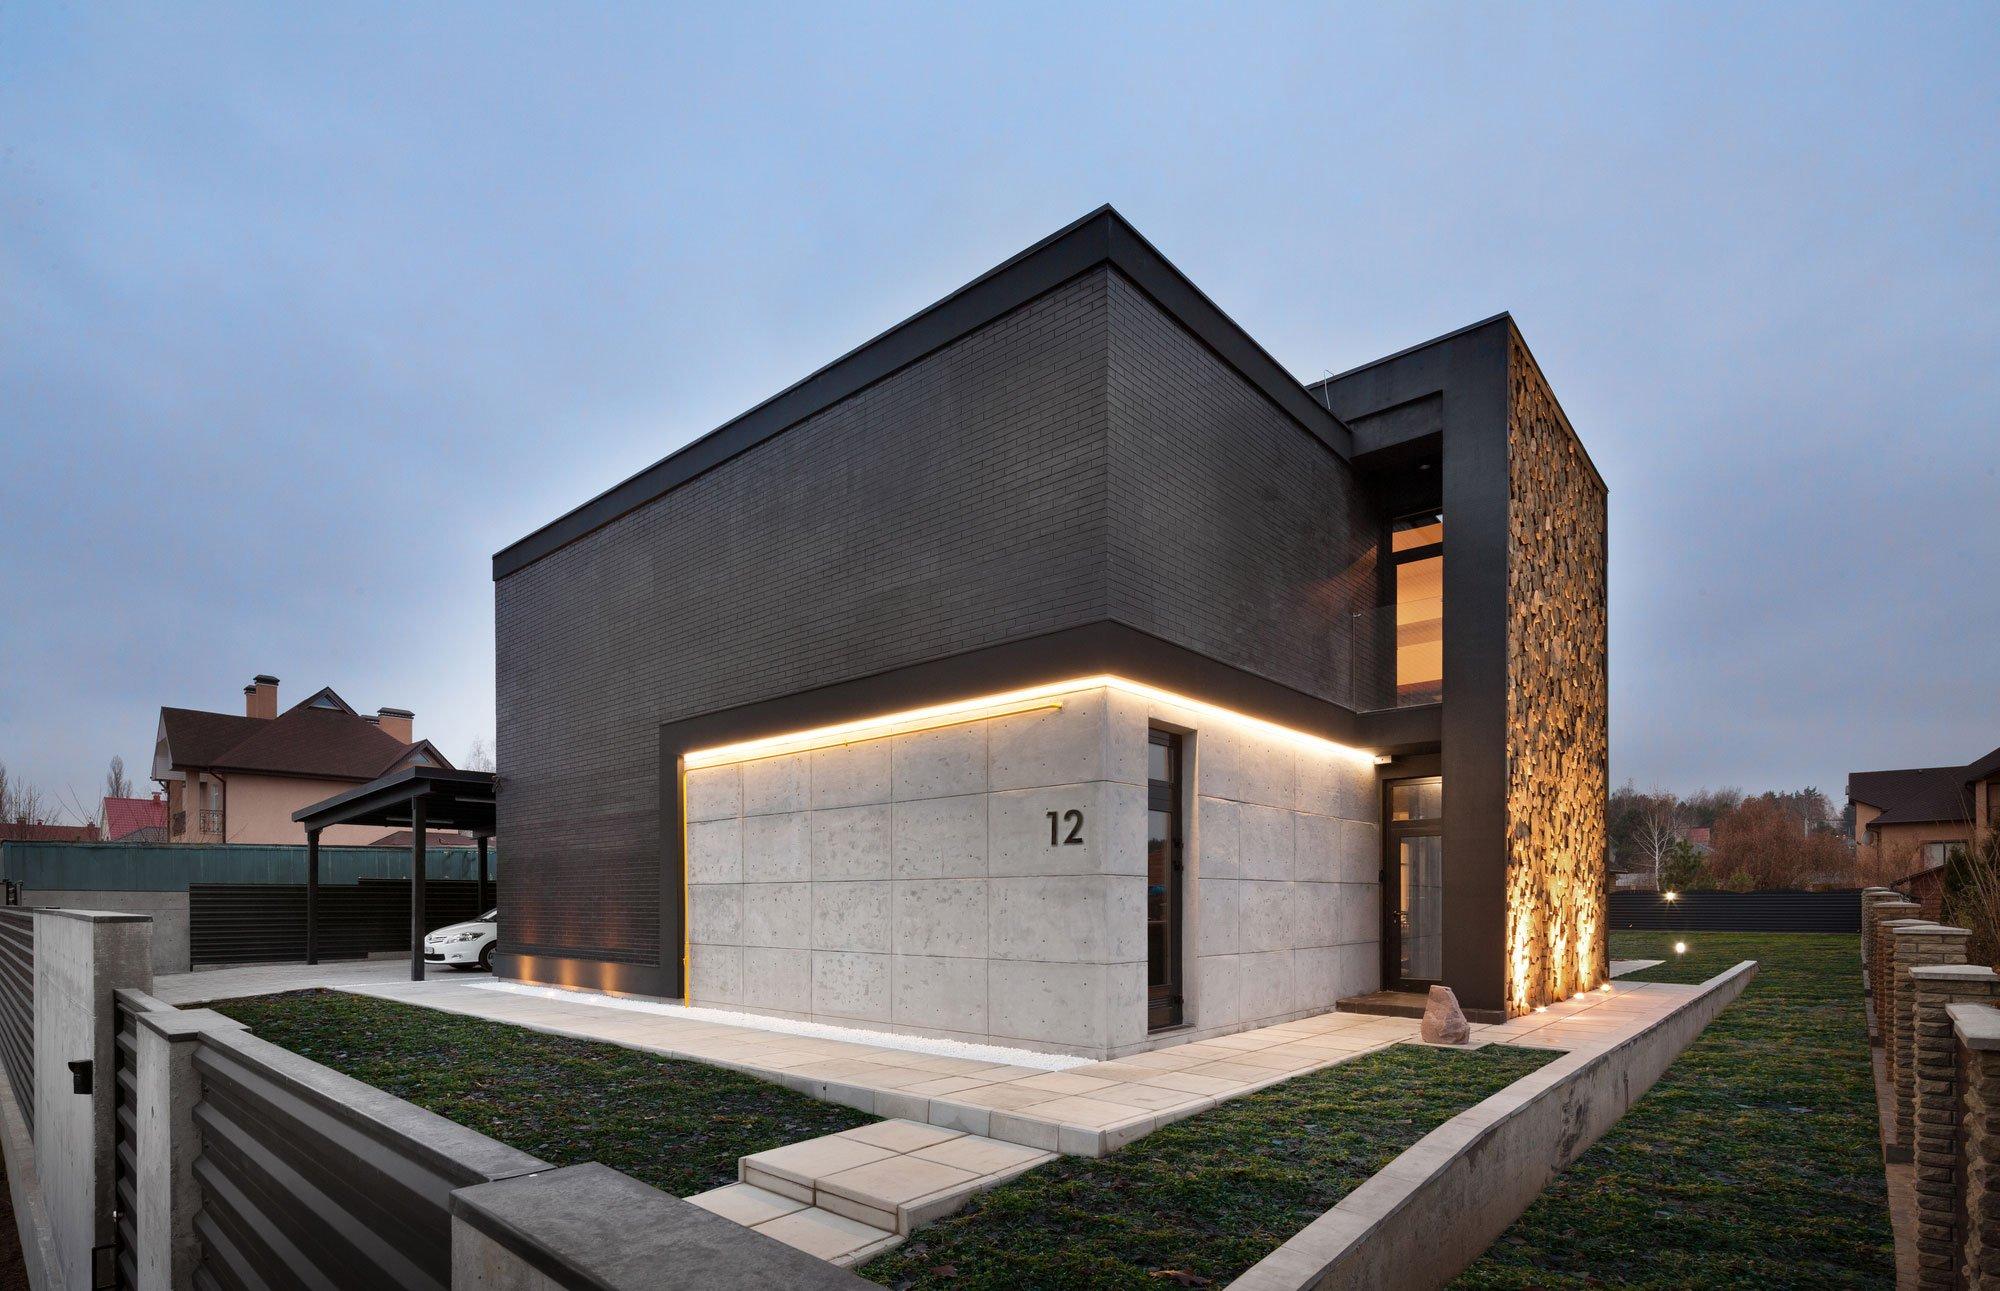 снимке видна архитектурные решения частных домов фото знакомый номер